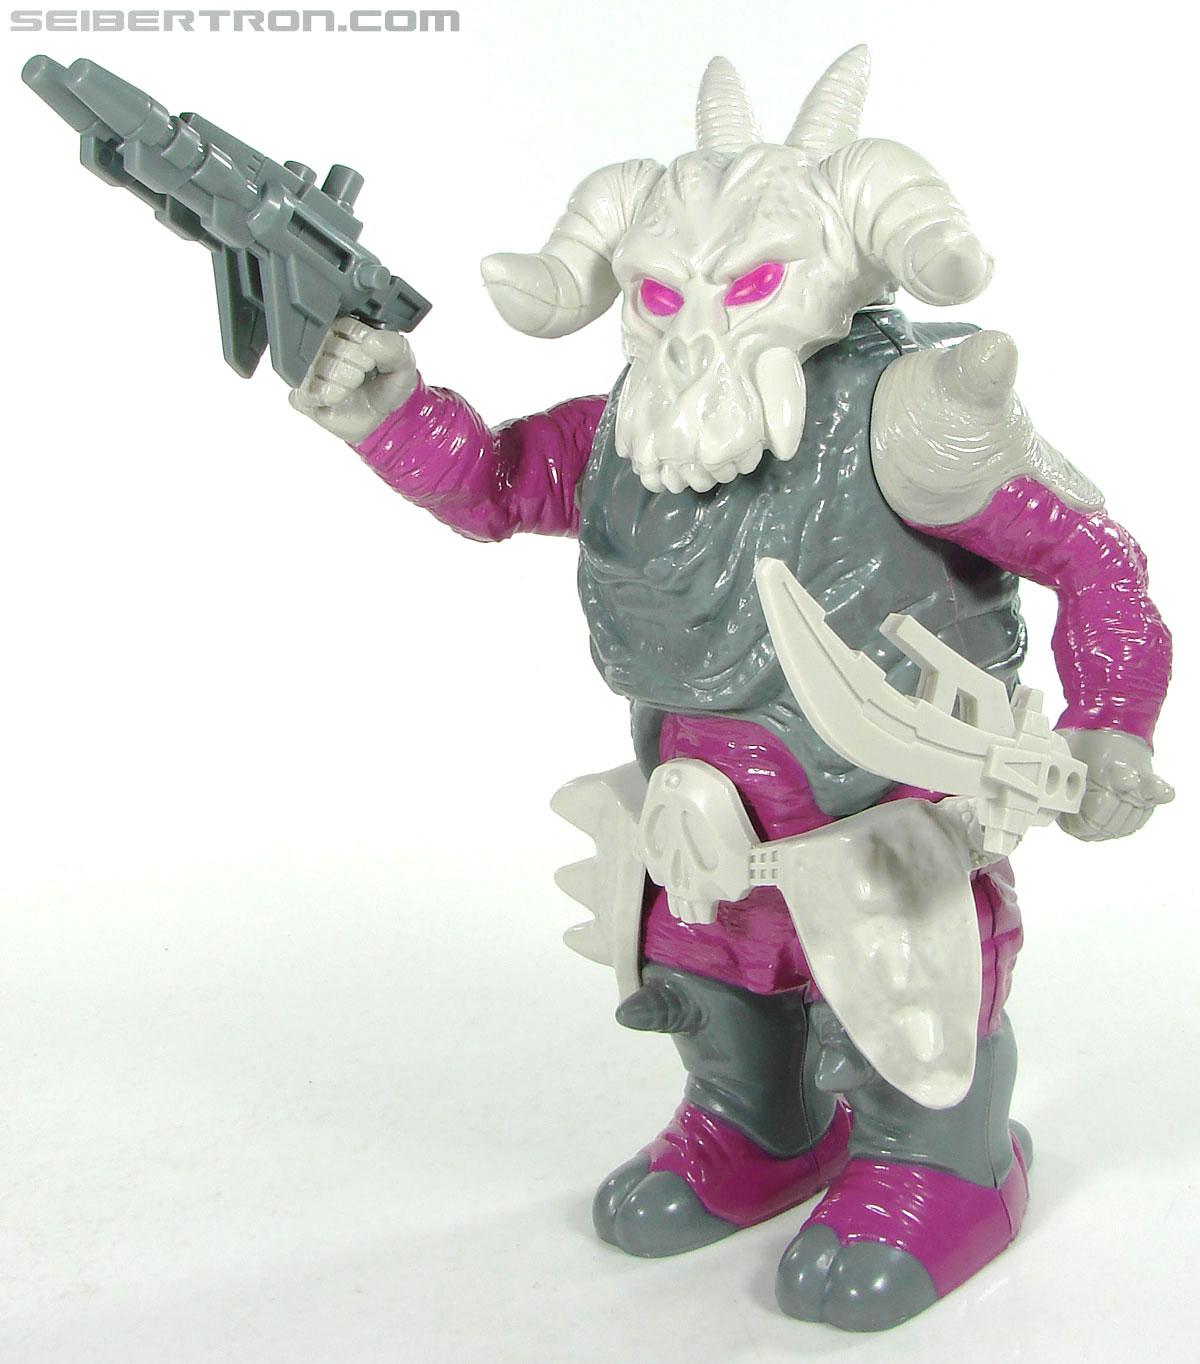 Transformers Super God Masterforce Skullgrin (Dauros) (Image #78 of 196)